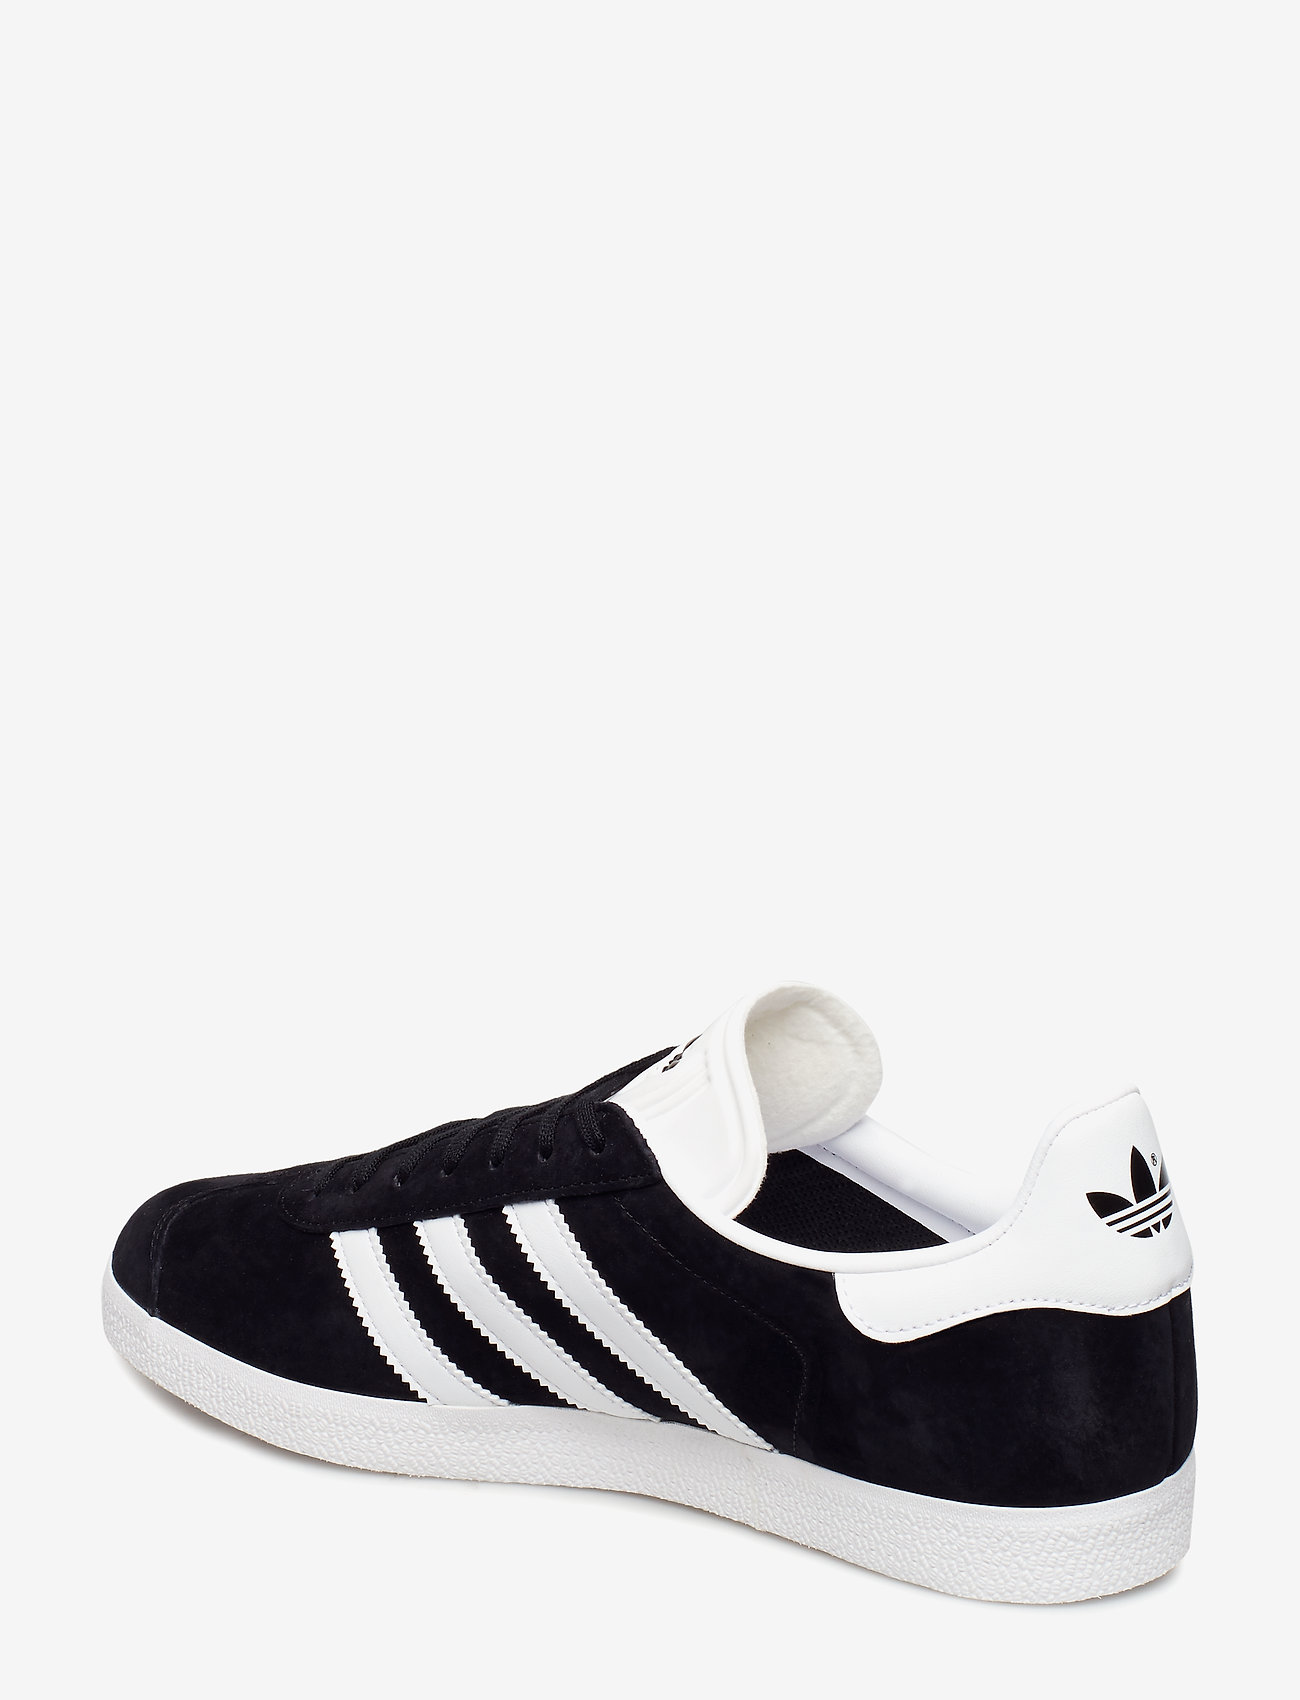 Gazelle (Cblack/white/goldmt) (71.25 €) - adidas Originals qxq0G